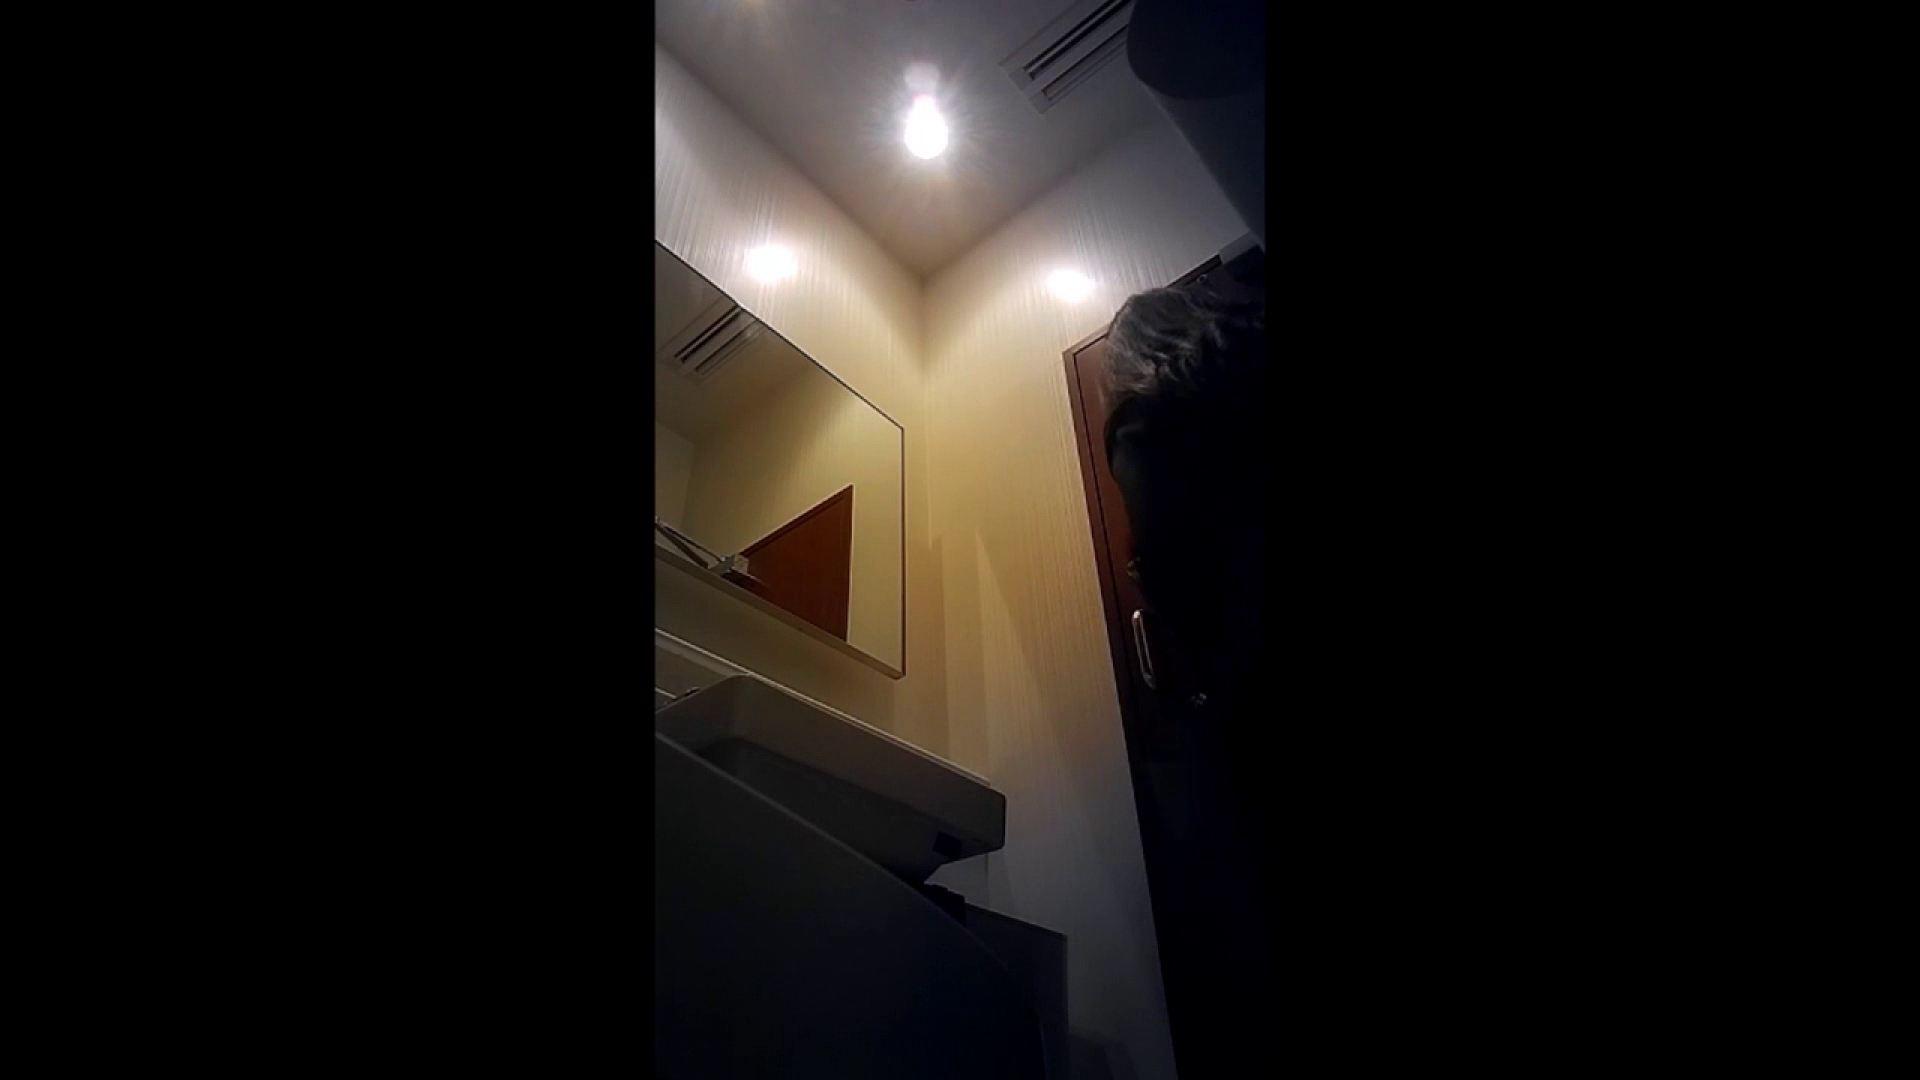 高画質トイレ盗撮vol.02 高画質 盗撮動画紹介 95PIX 70